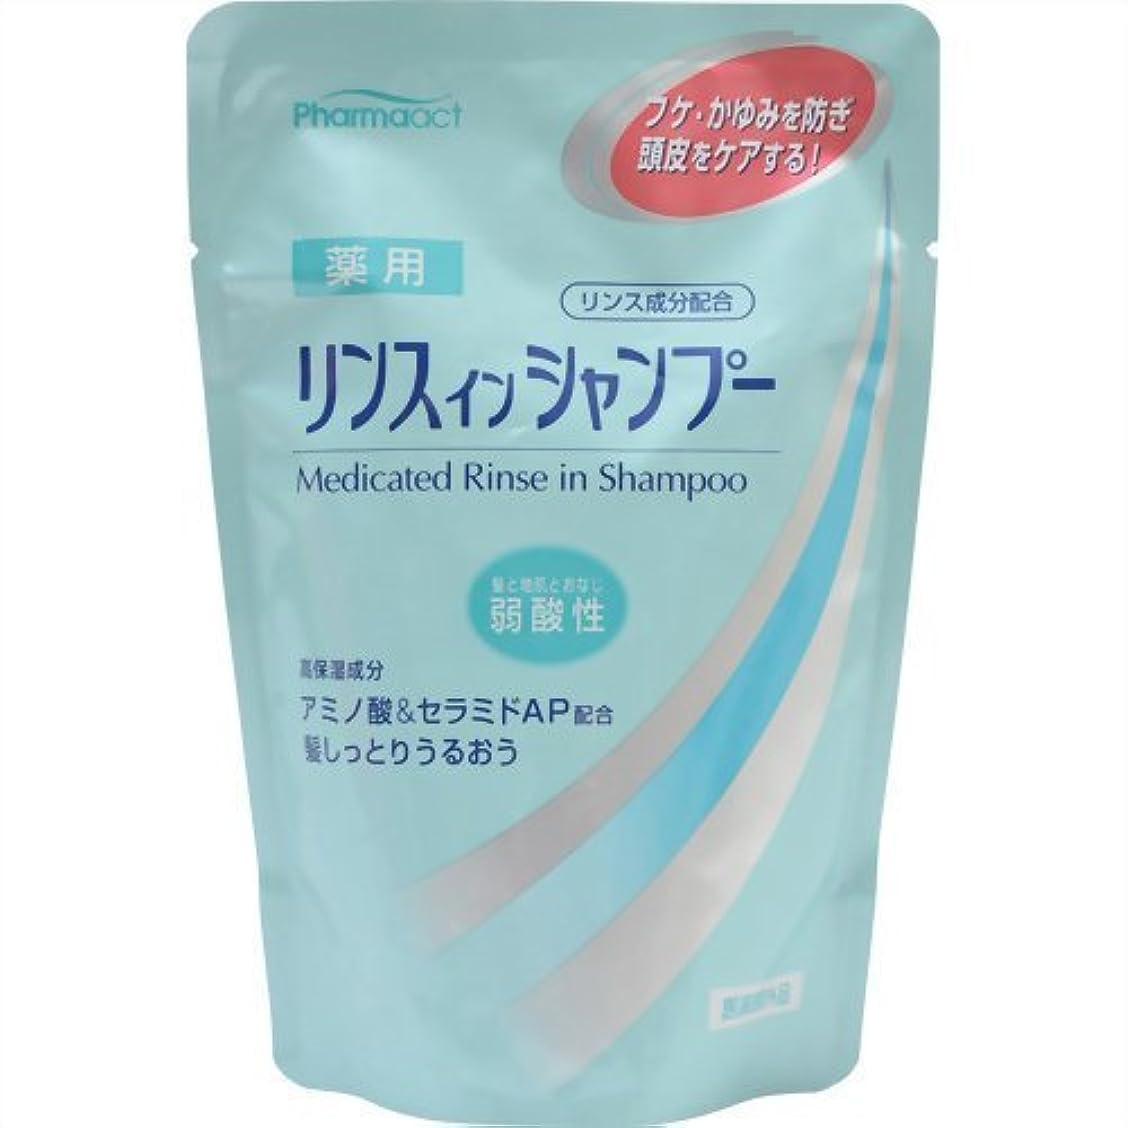 スプリット石膏拒絶する熊野油脂 ファーマアクト 薬用リンス 詰替用 350ml